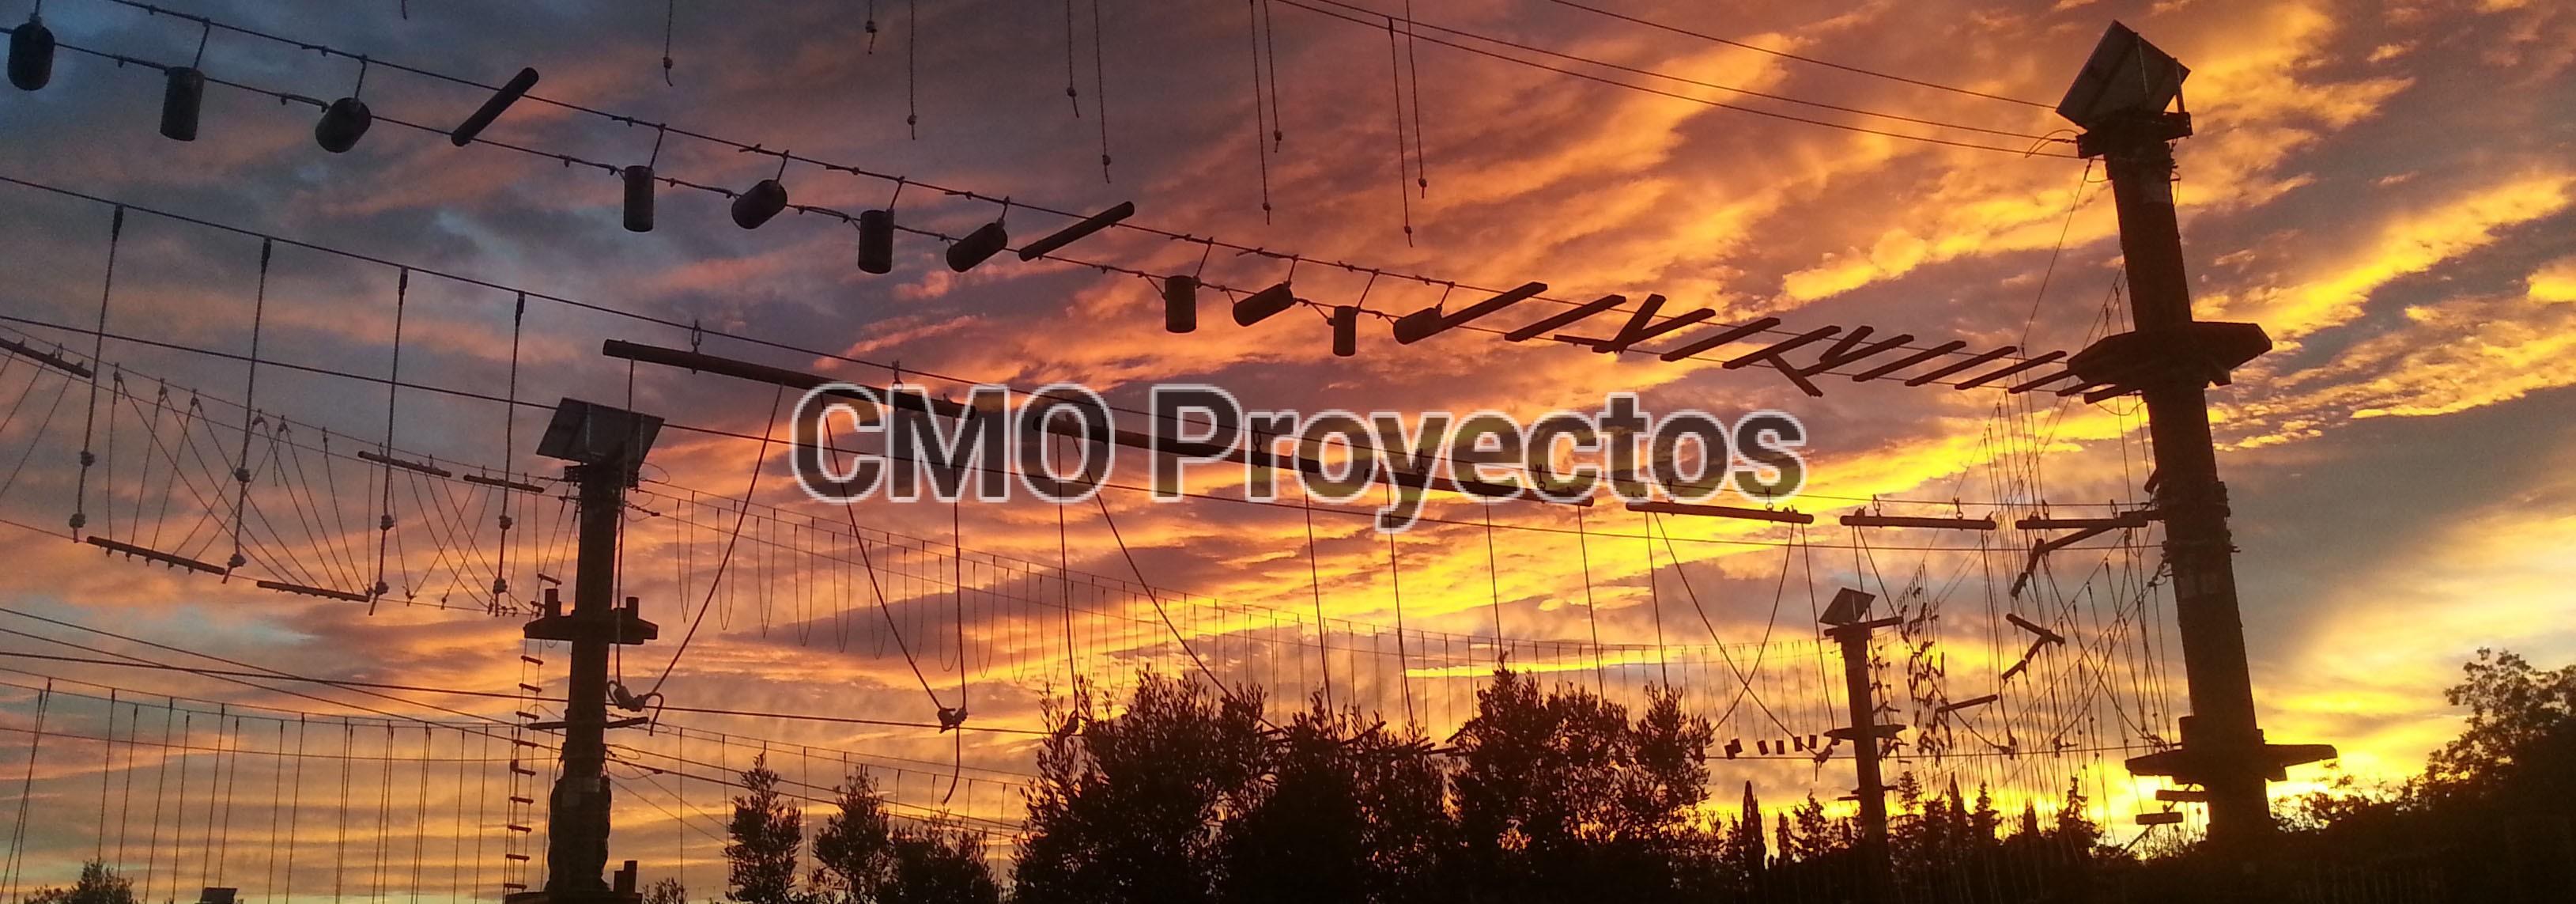 Home en Parque Multiaventura CMO Proyectos